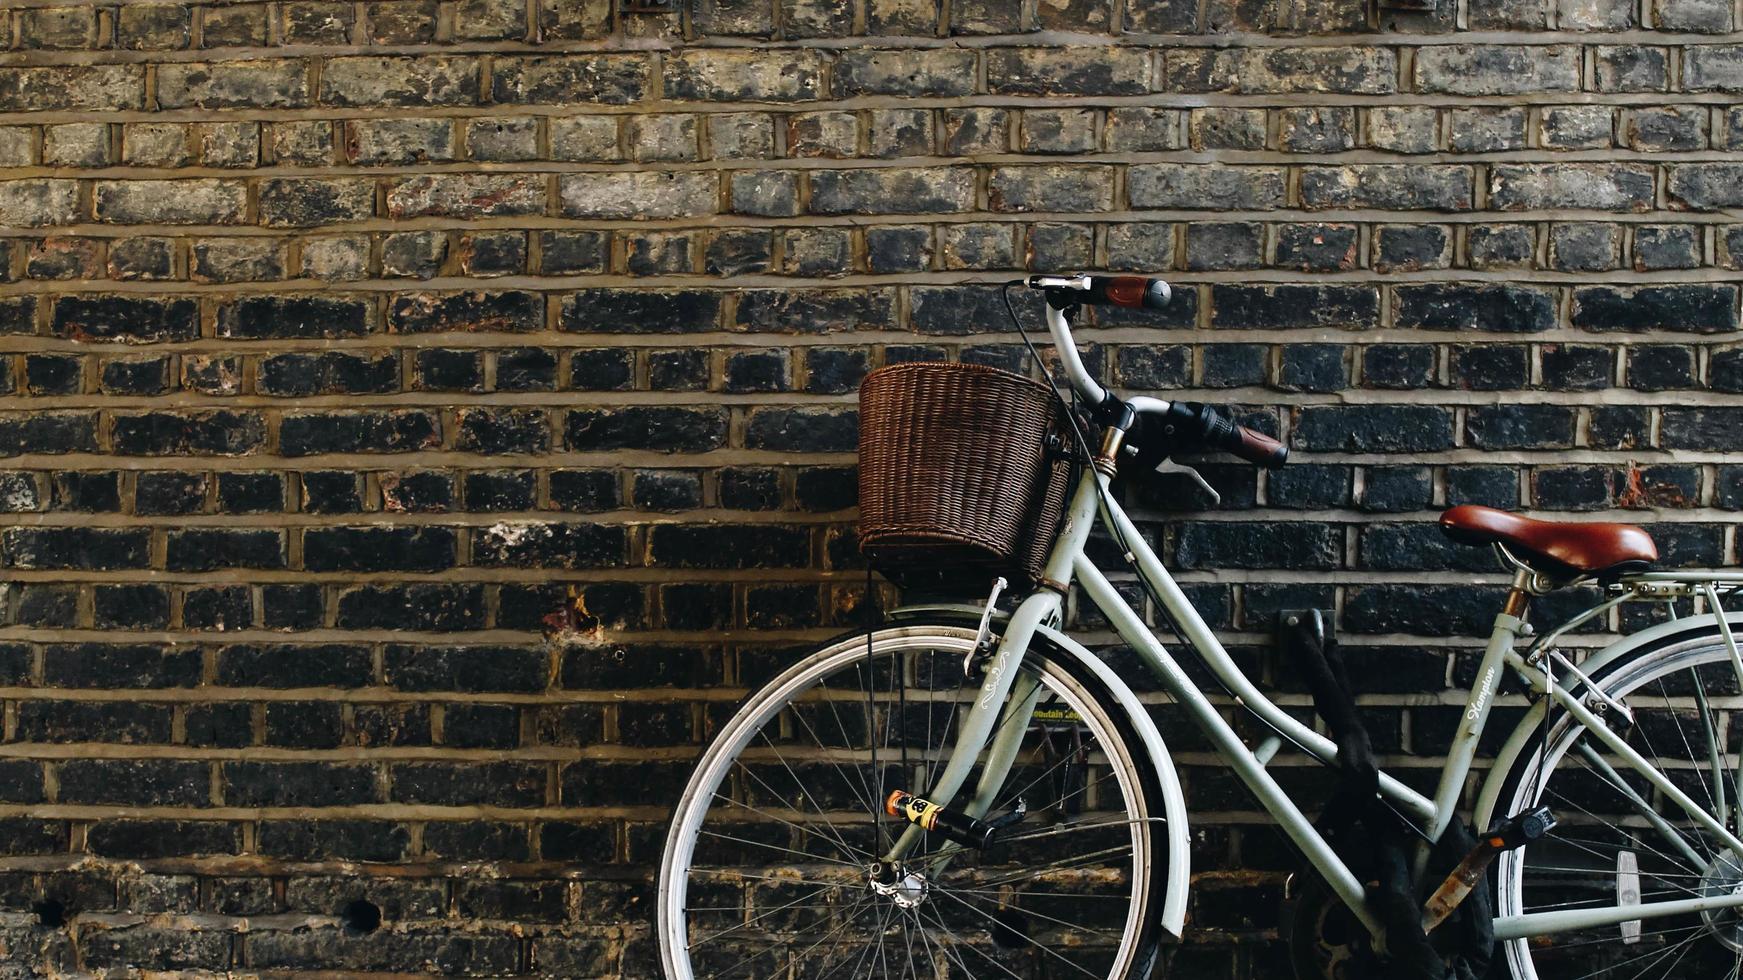 Fahrrad an die Wand gelehnt foto